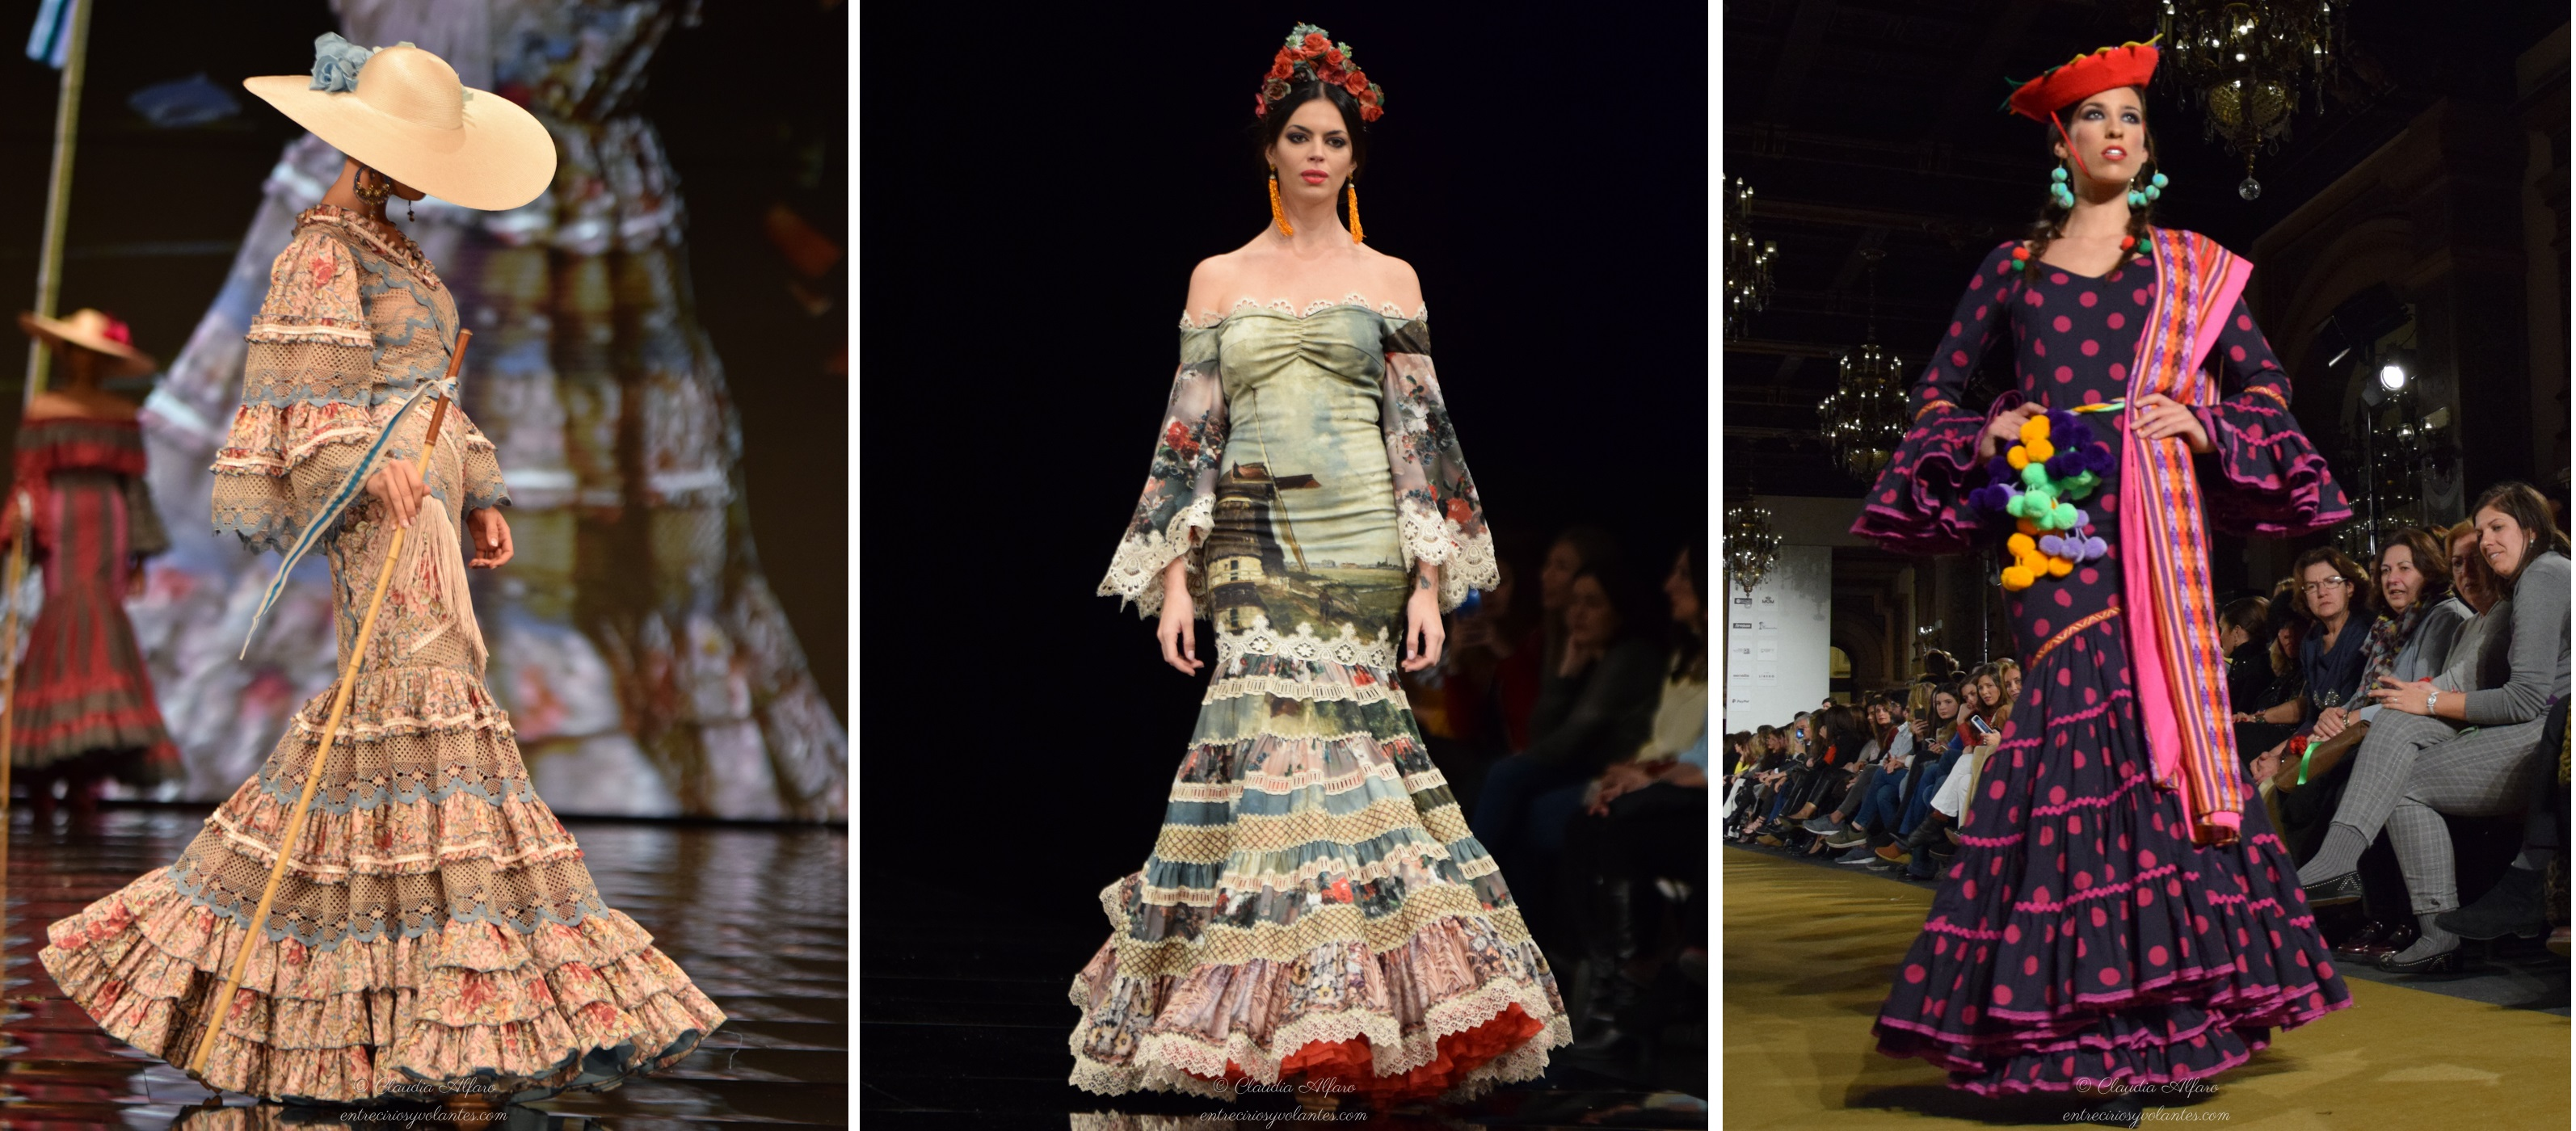 Diseños de Izq. a Dcha Loli Vera y Atelier Rima en Simof. Rocío Peralta en  We love flamenco 2017. Foto Claudia Alfaro para entreciriosyvolantes.com